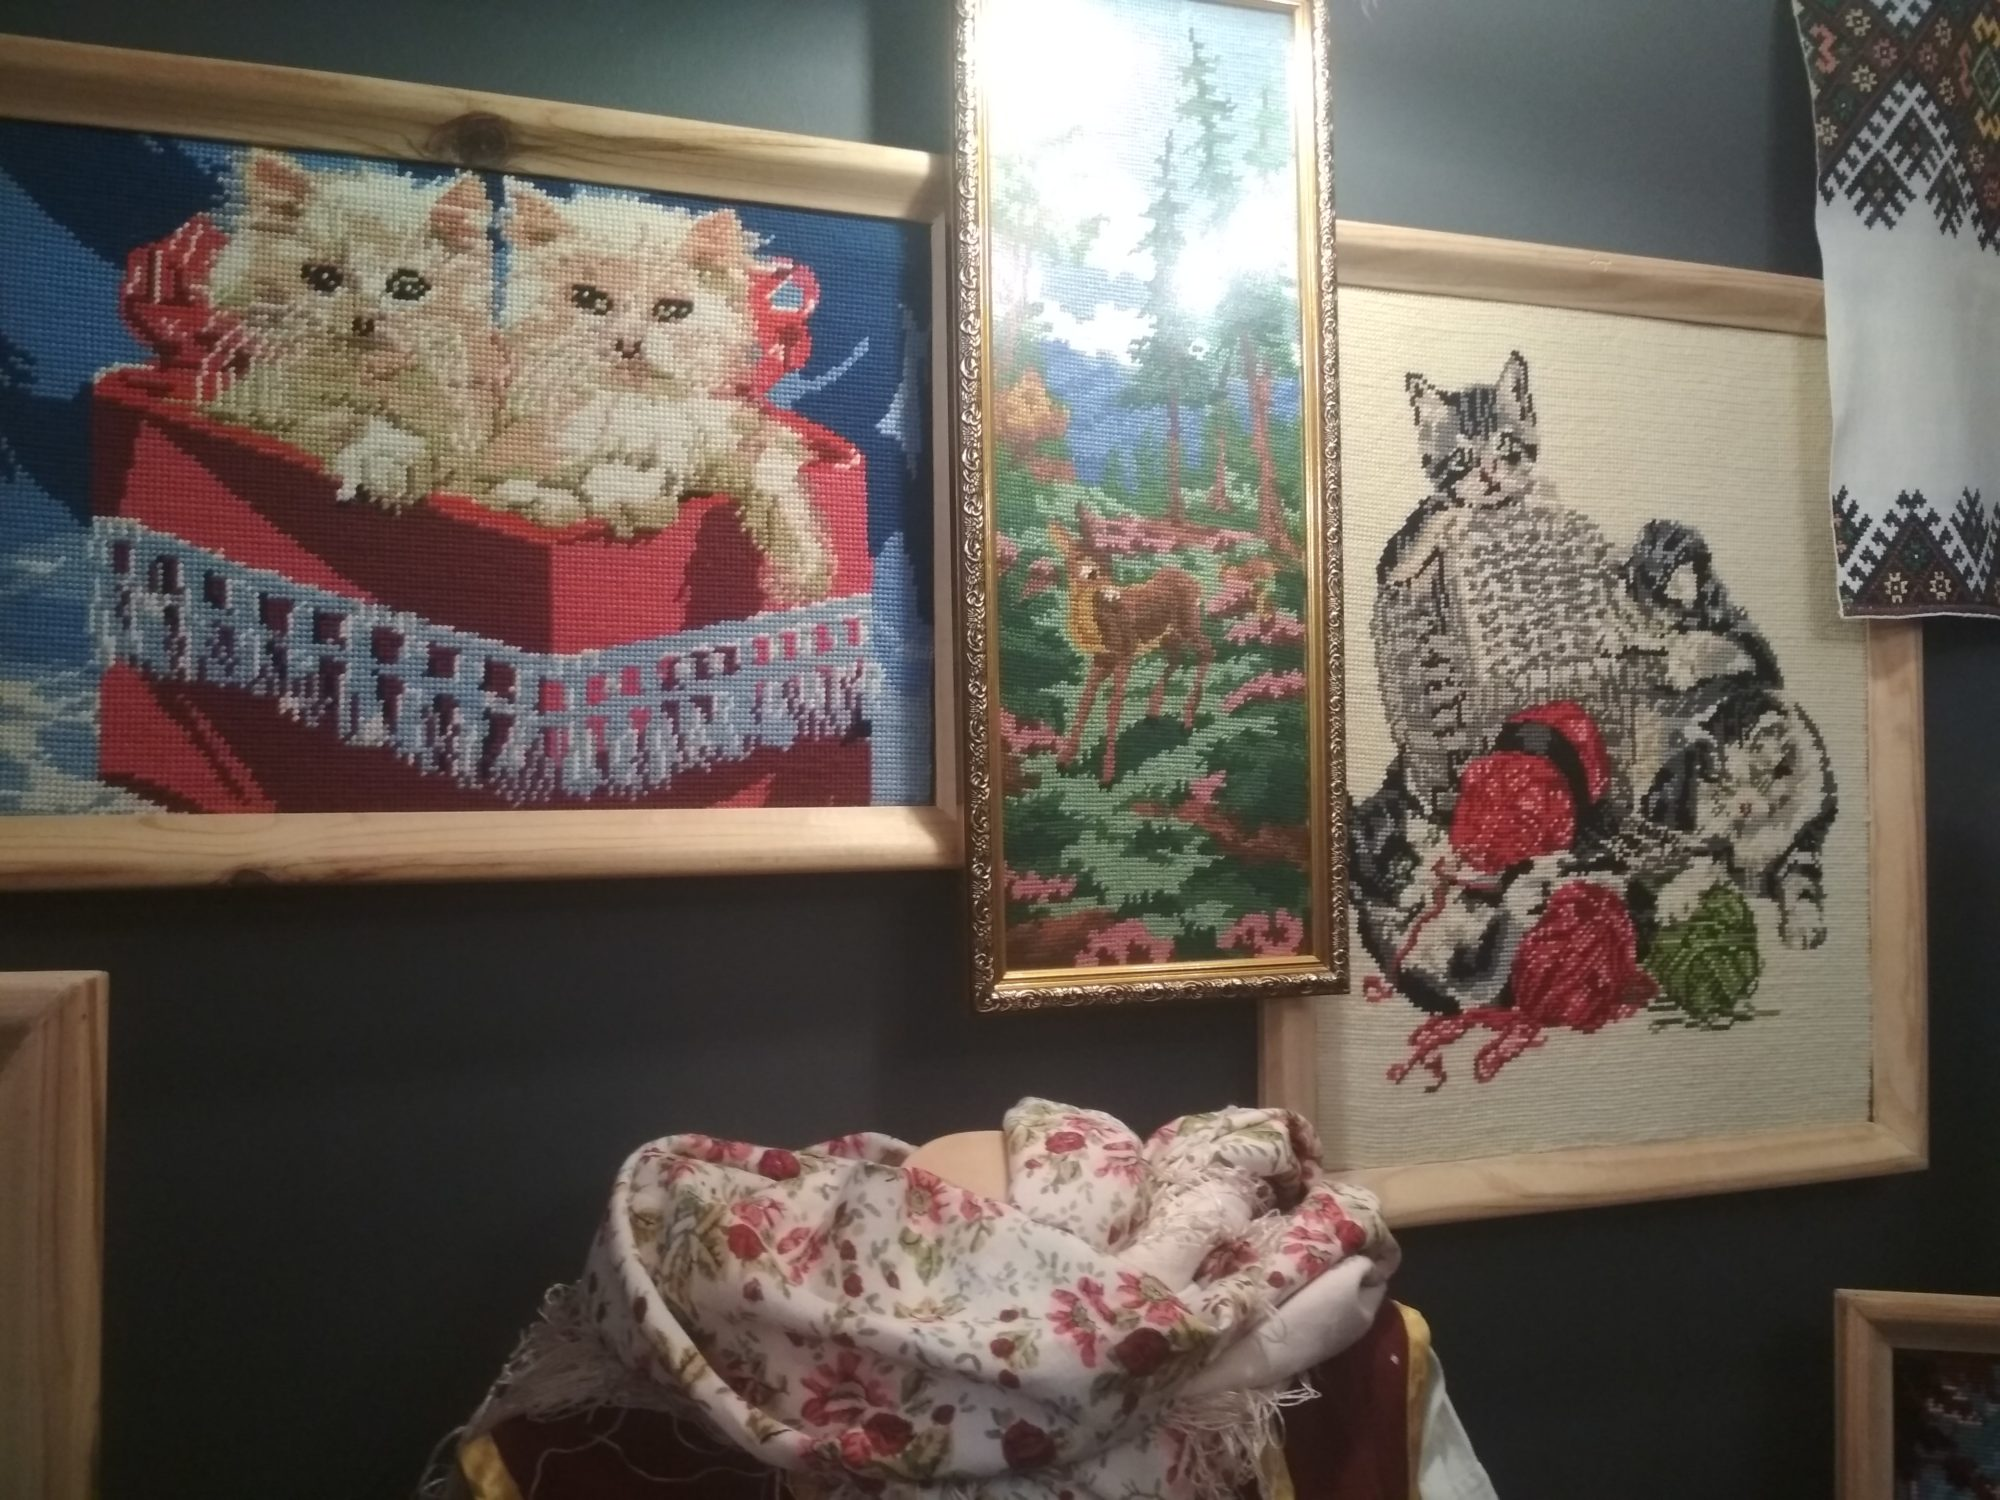 У Фастові відкрилась виставка вишивки «Сакральний код моєї країни» - вишиванки - IMG 20190516 113122 2000x1500